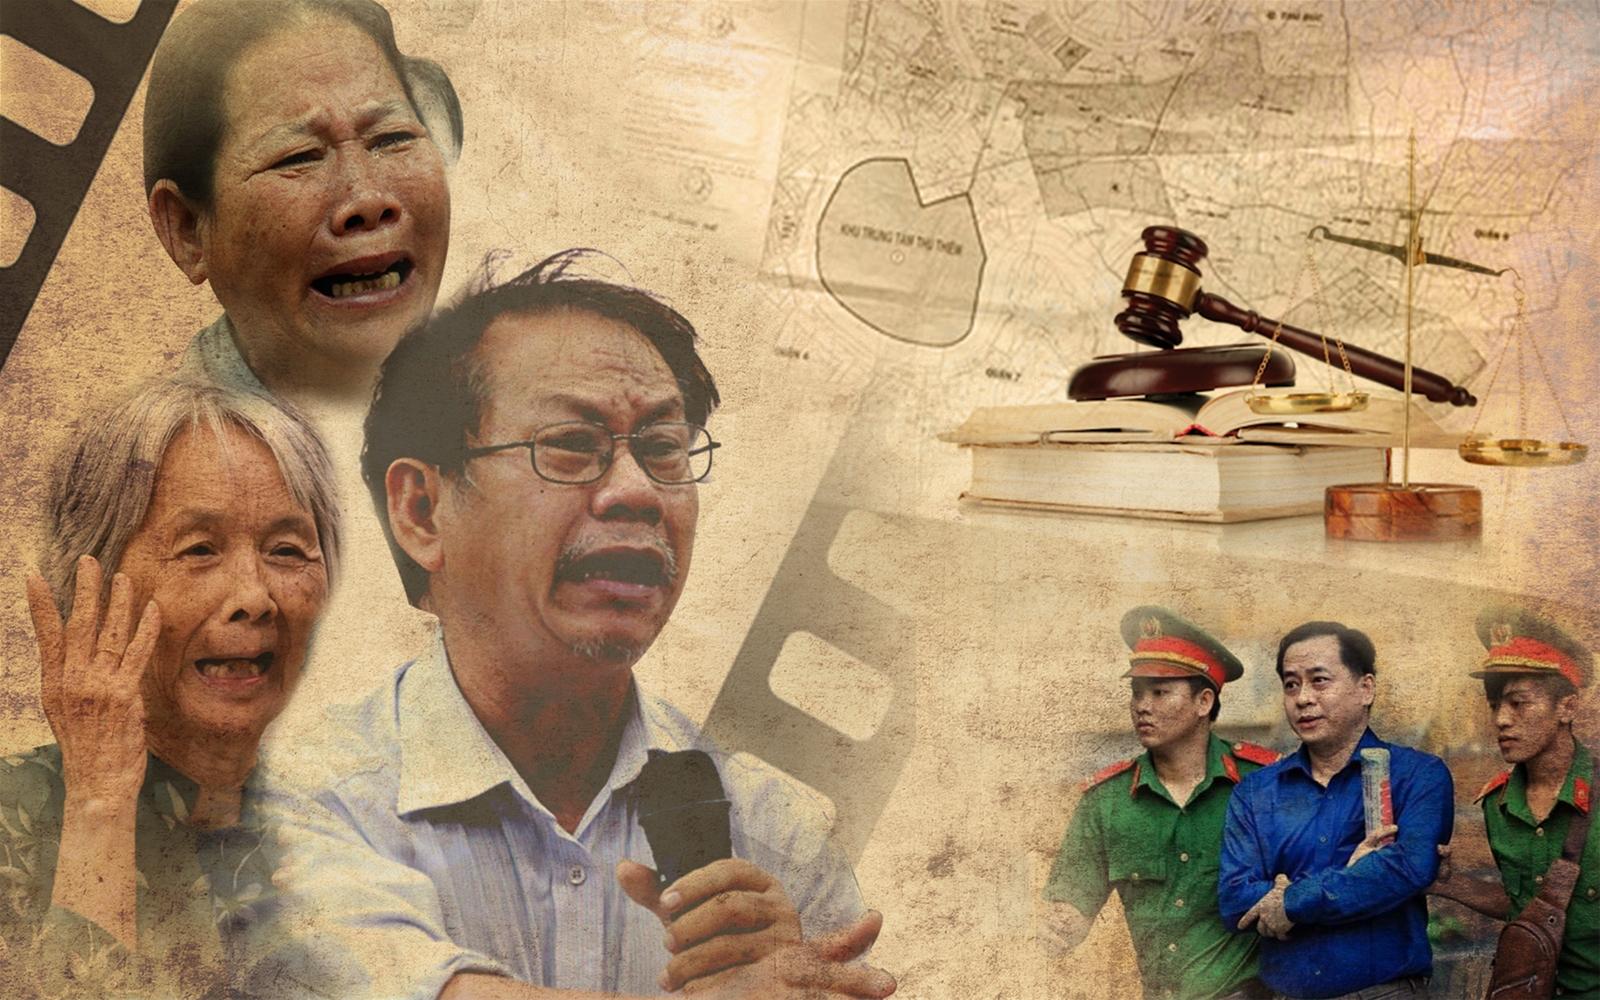 Luật Đất đai: Bản án pháp lý và những mảnh đời khốn cùng